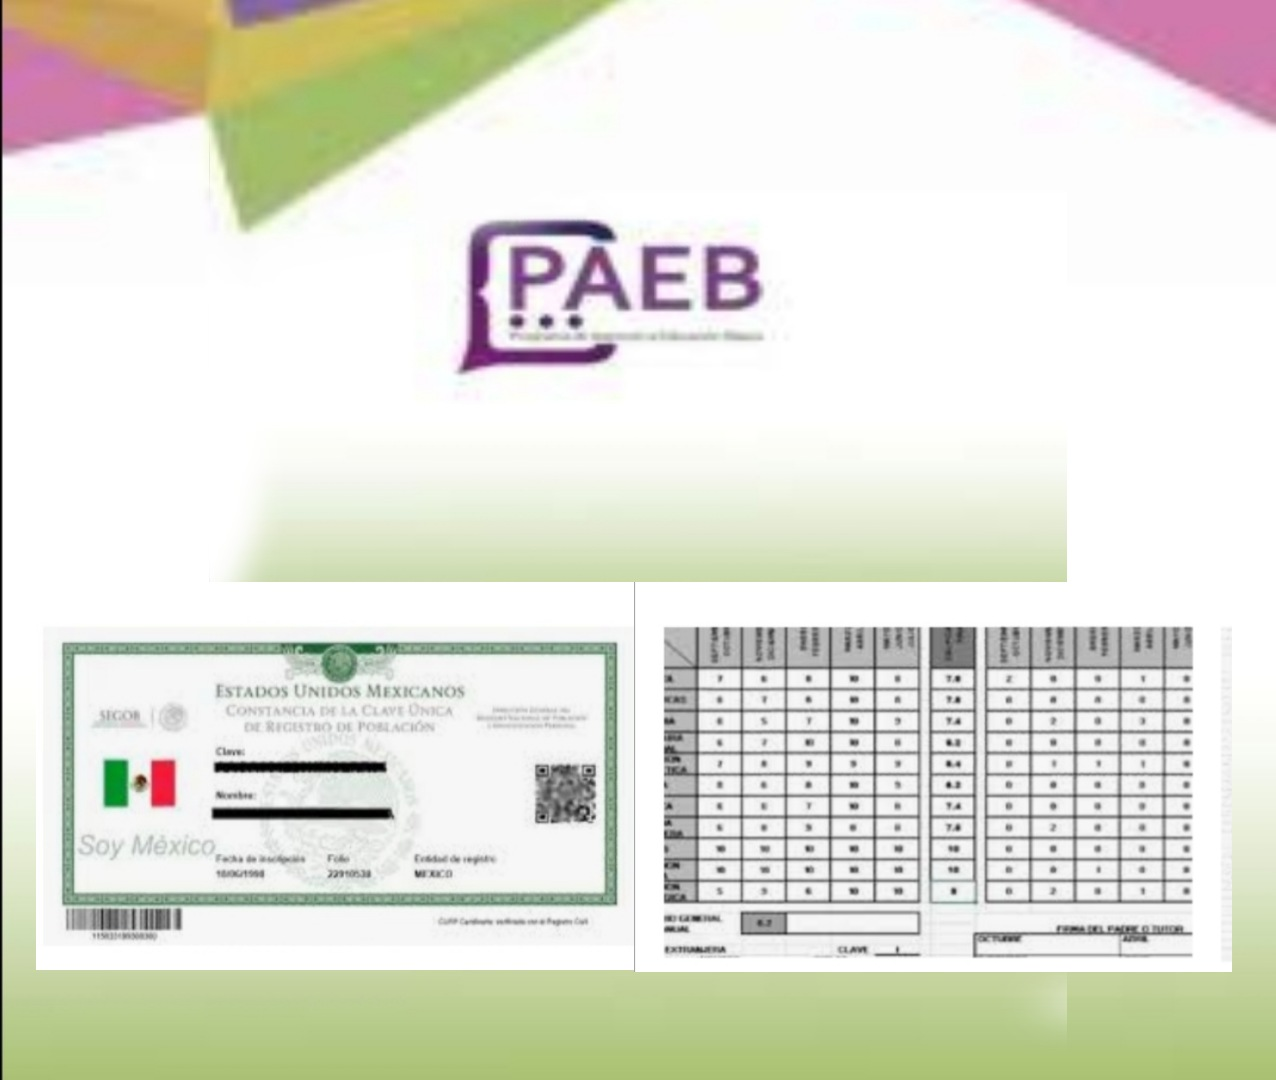 ¿Ya estás listo para solicitar el cambio de turno o de escuela de tu hijo en PAEB 2020 a partir del 10 de agosto? Aquí te decimos los documentos a entregar: